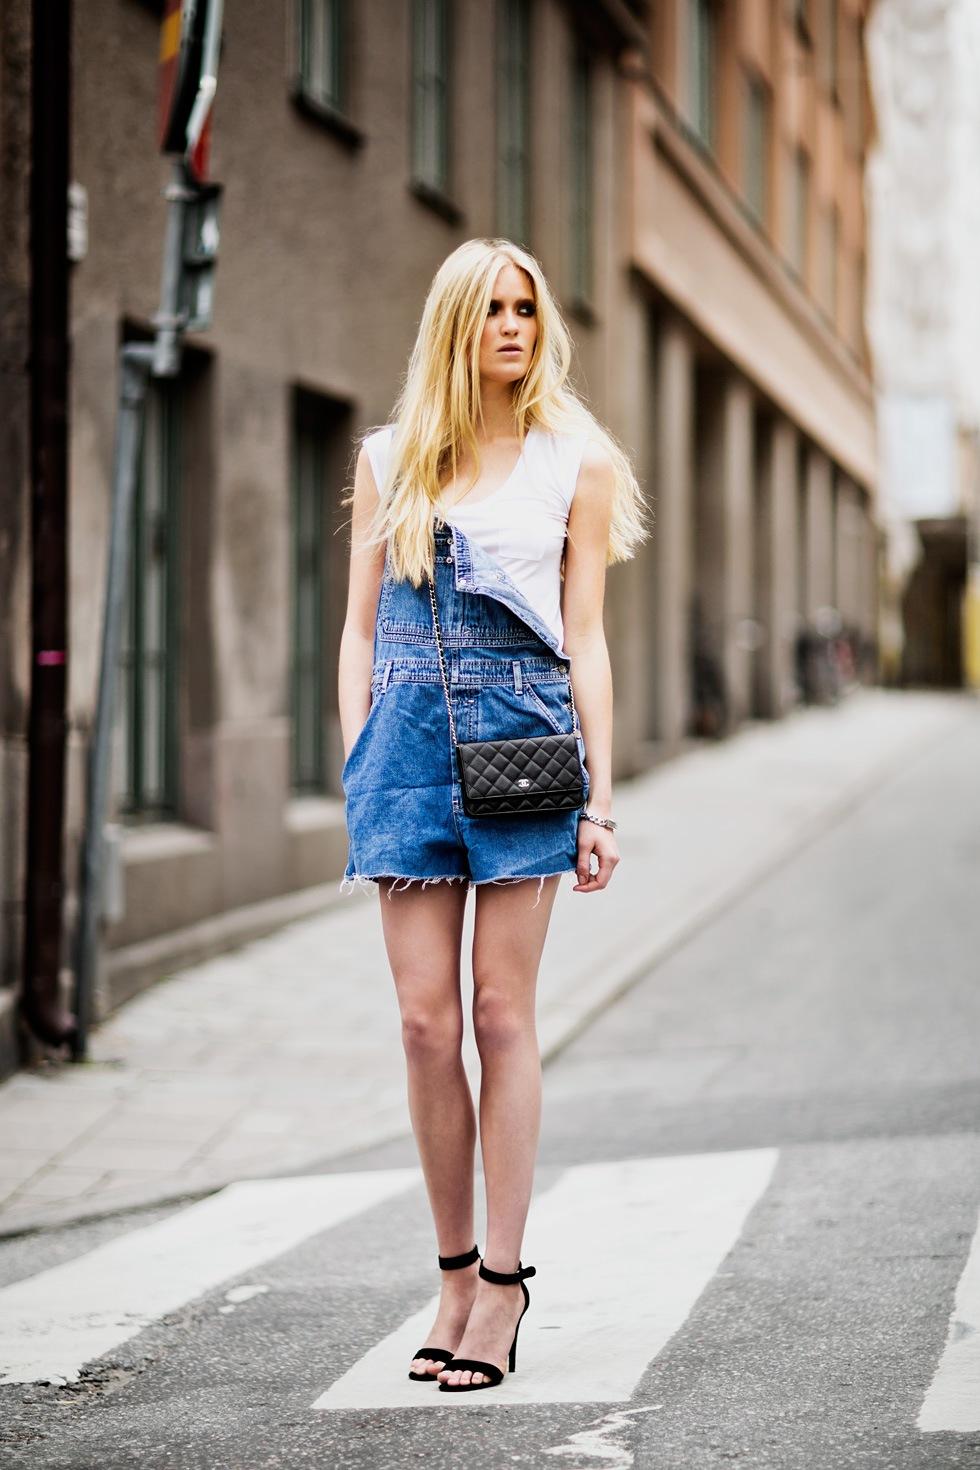 Jardinero de jean, desprendido, con una linda cartera y zapatos. FUEGO.